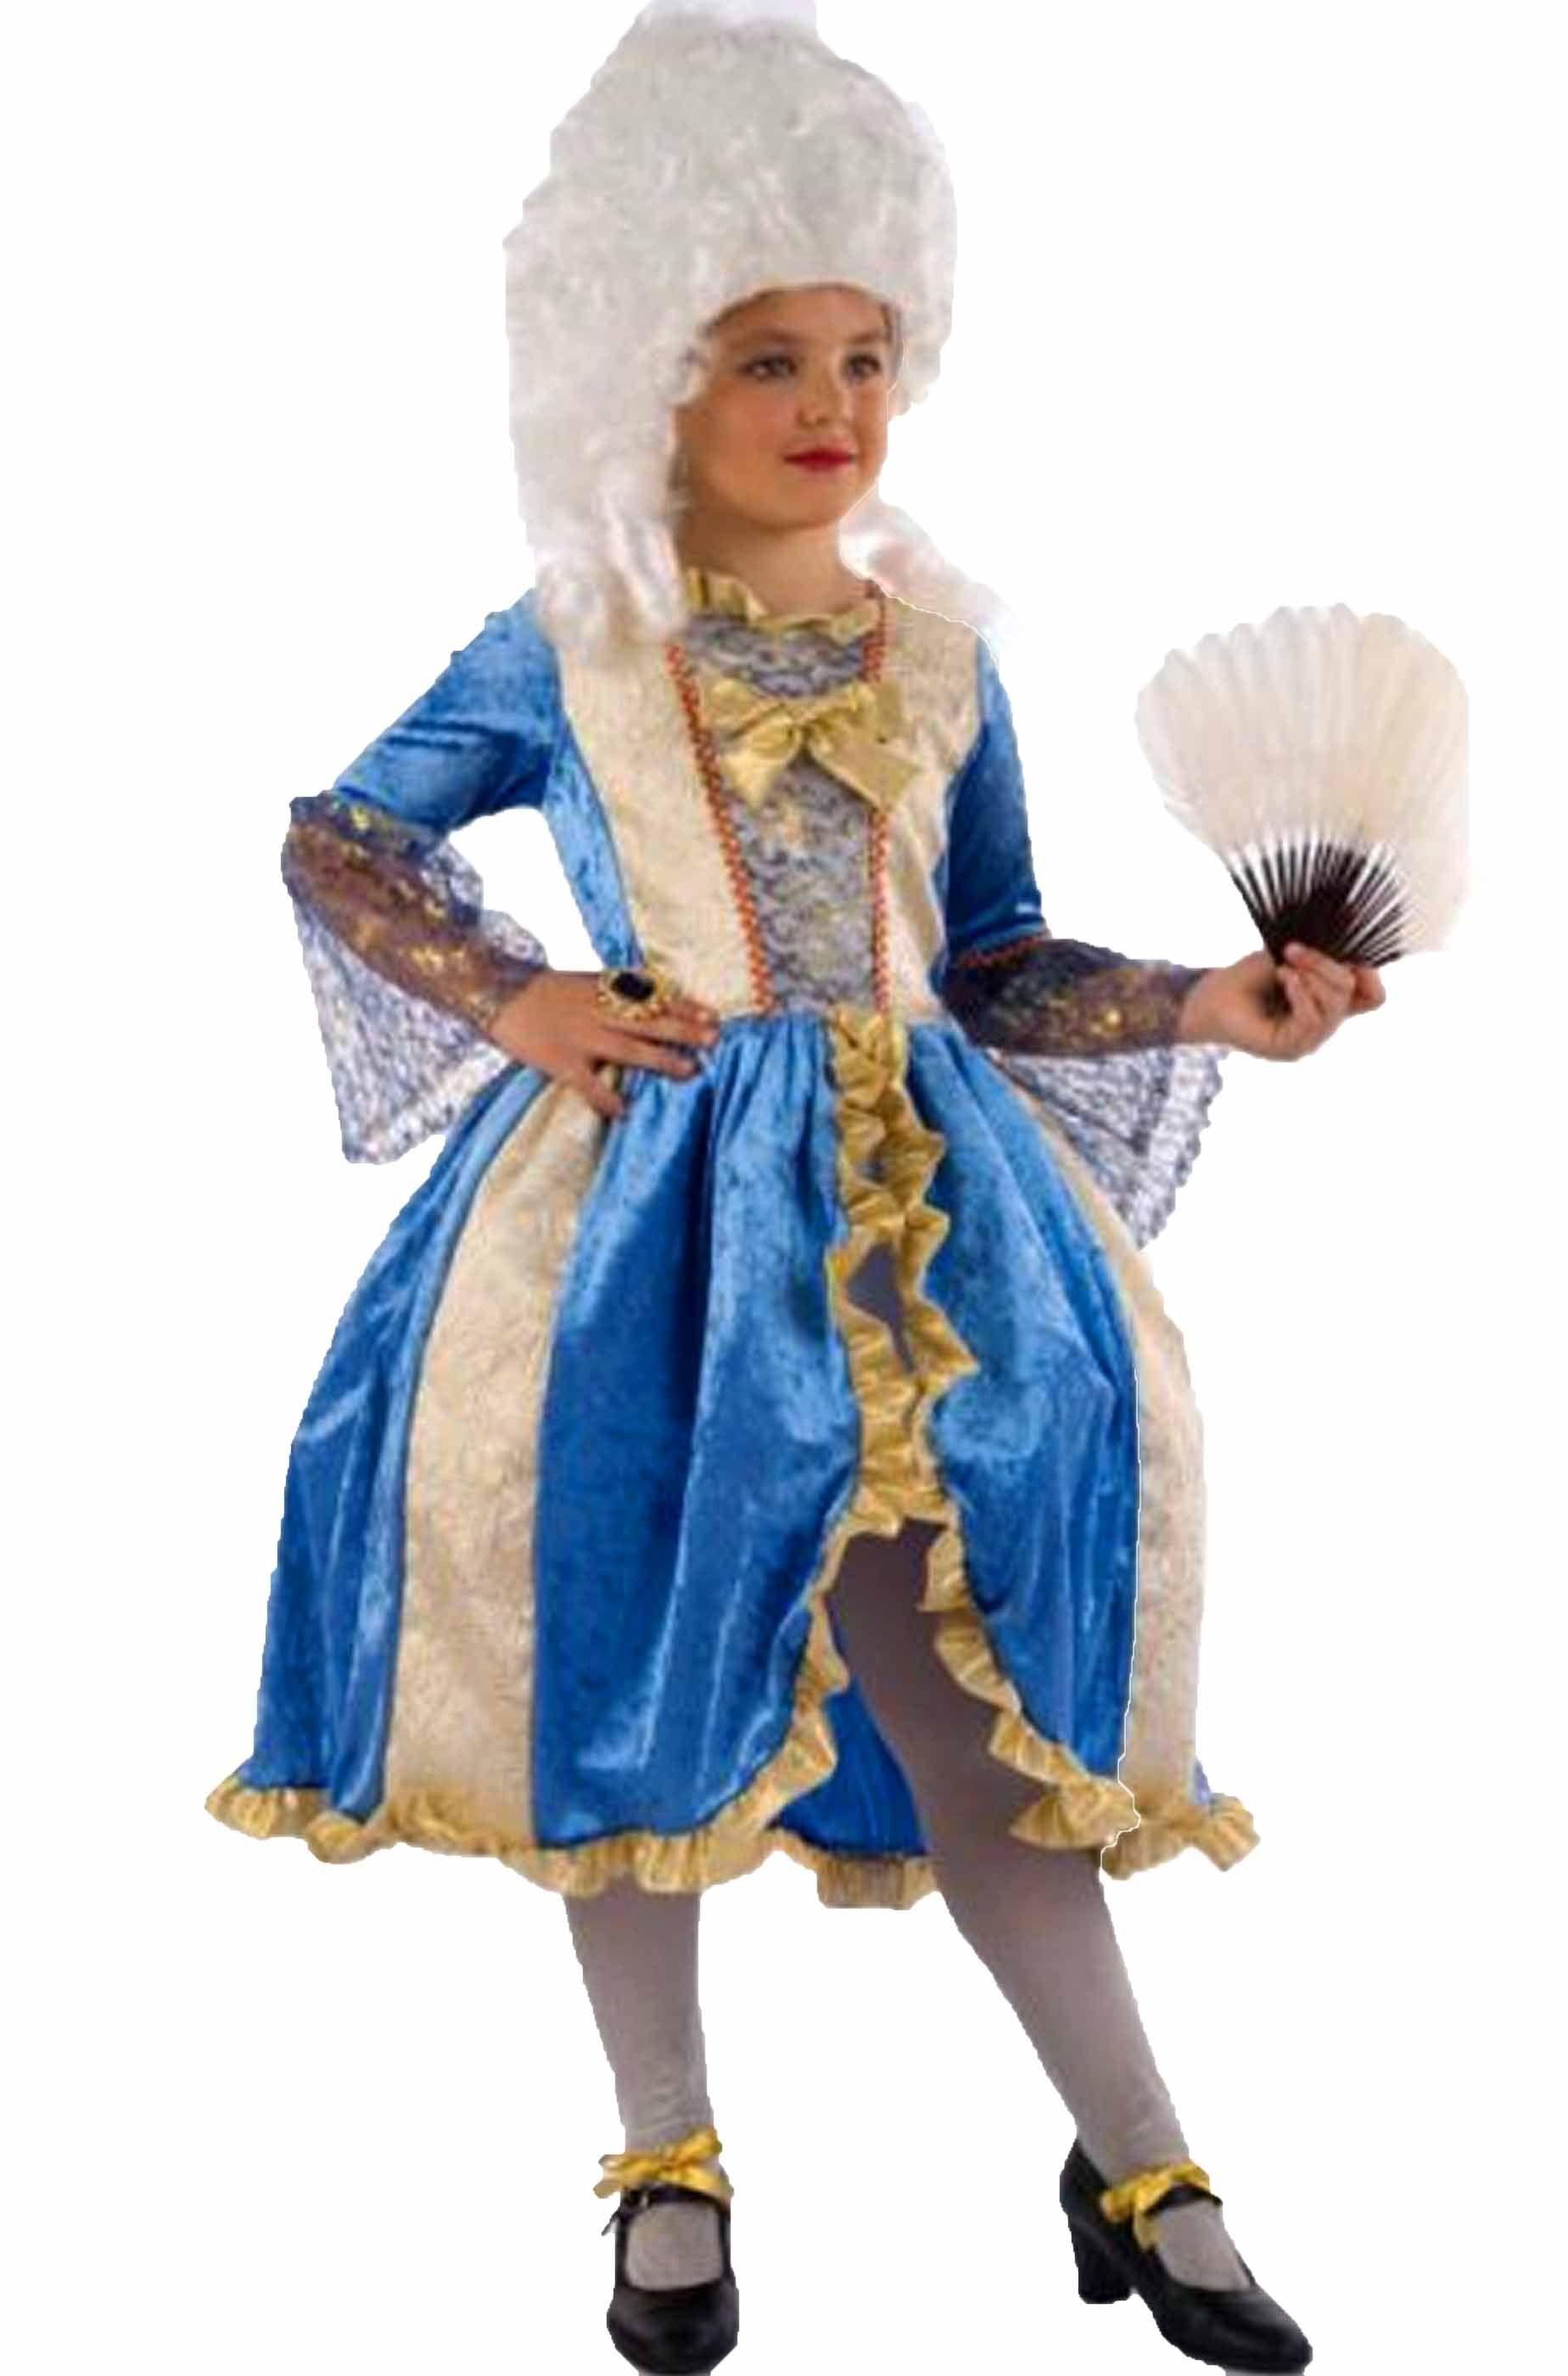 piuttosto carino ultimo design più tardi Vestito di carnevale stile veneziano da bambina dama del 700 de luxe